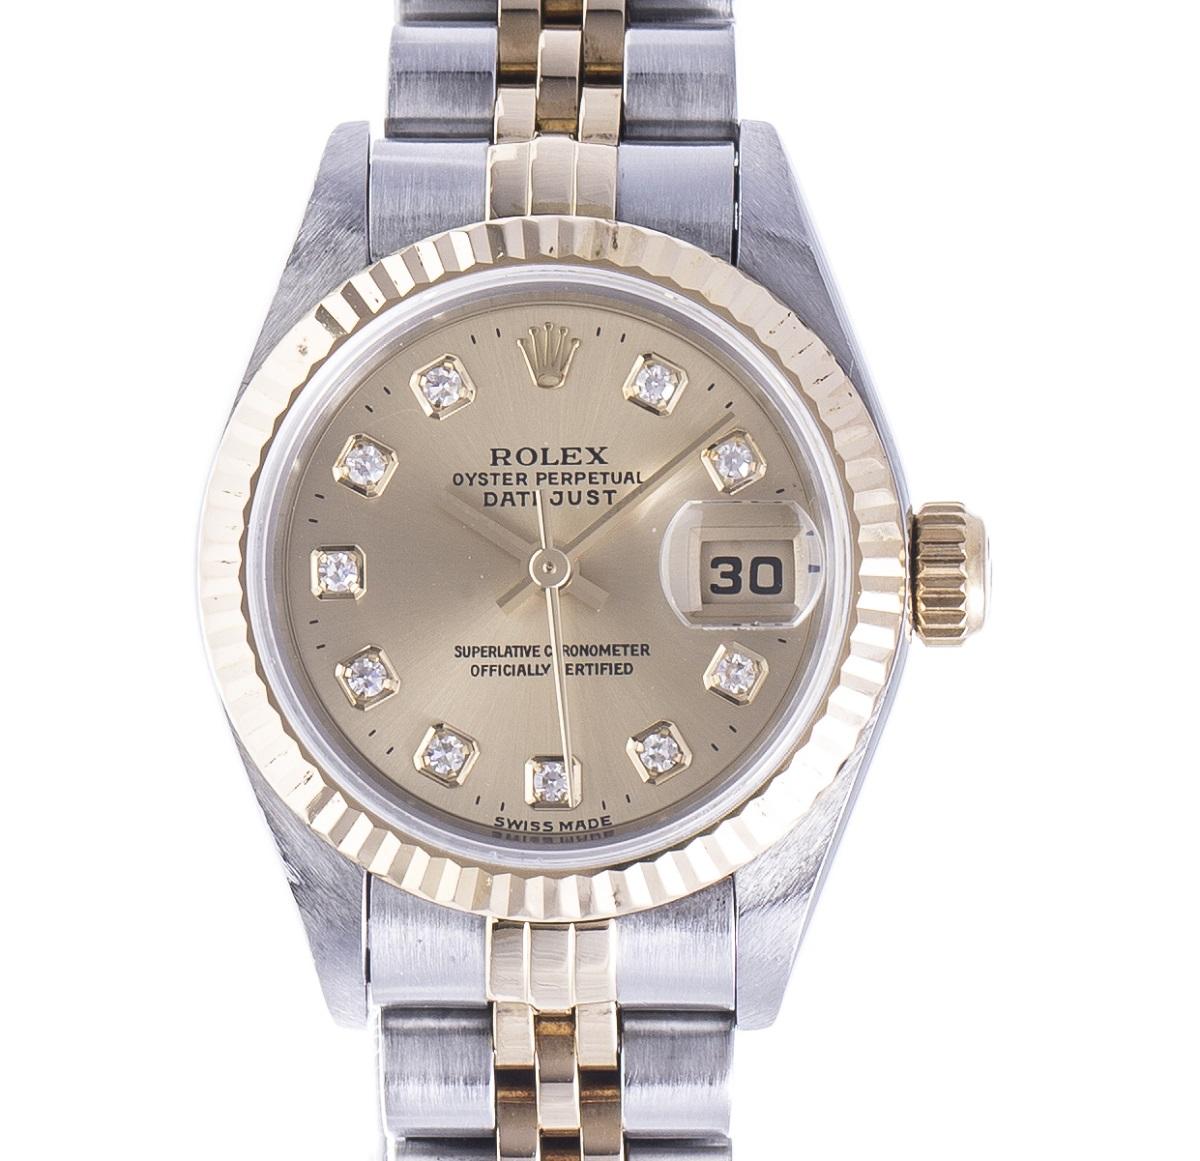 ROLEX ロレックス デイトジャスト 10P ダイヤモンド 69173G ステンレス×イエローゴールド SS×YG 1995年 レディース 腕時計 送料無料【トレジャースポット】【中古】